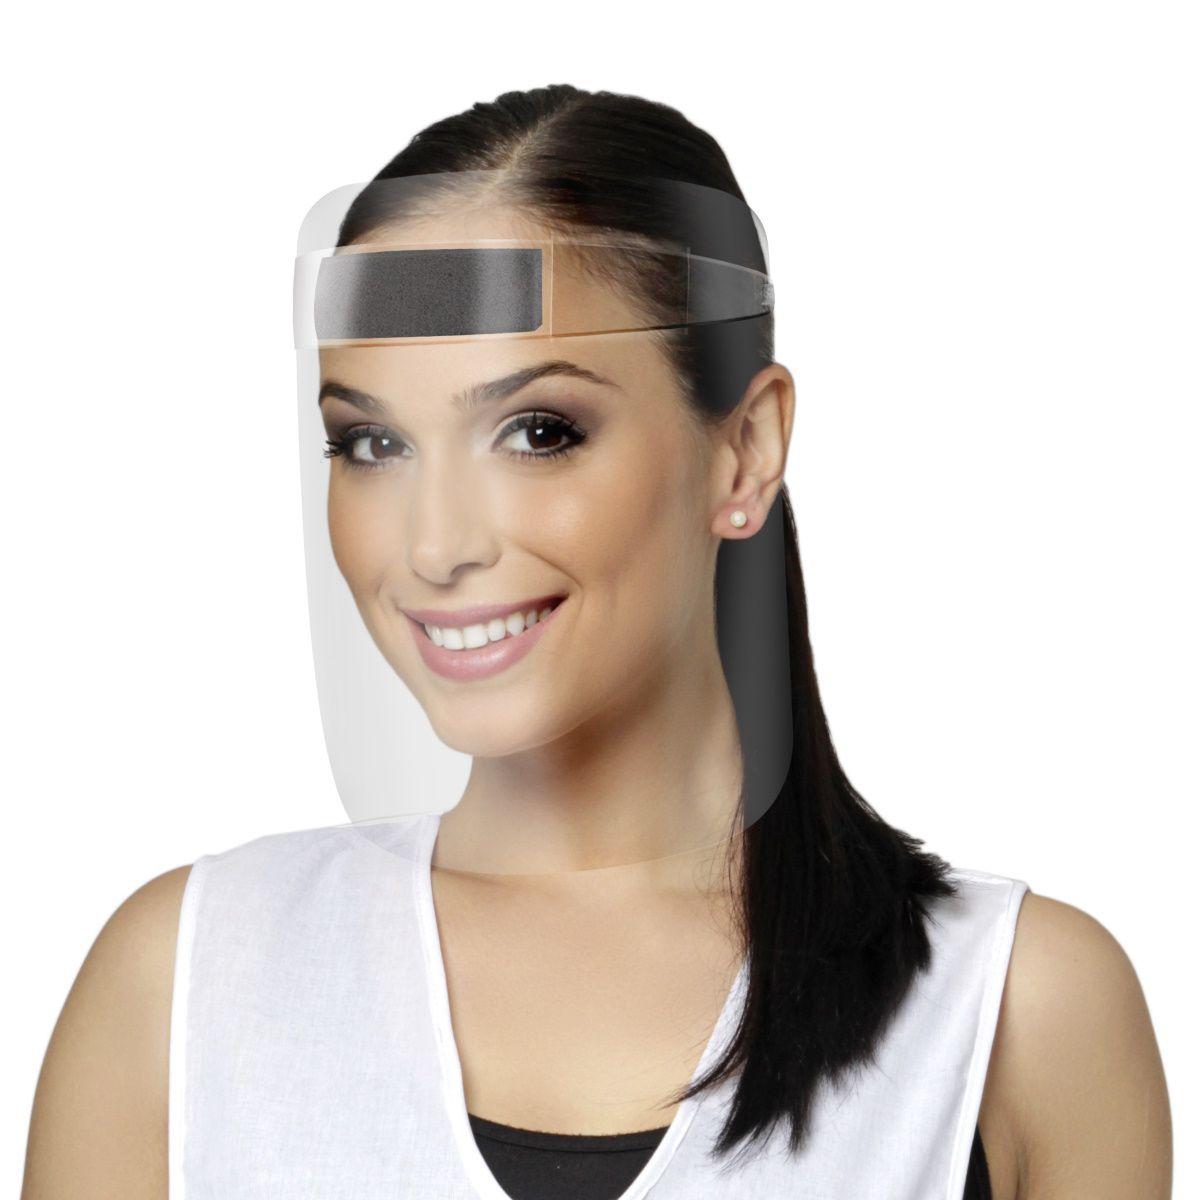 Máscara Facial Protetora 10 UN Anti Respingos e Gotículas - Santa Clara